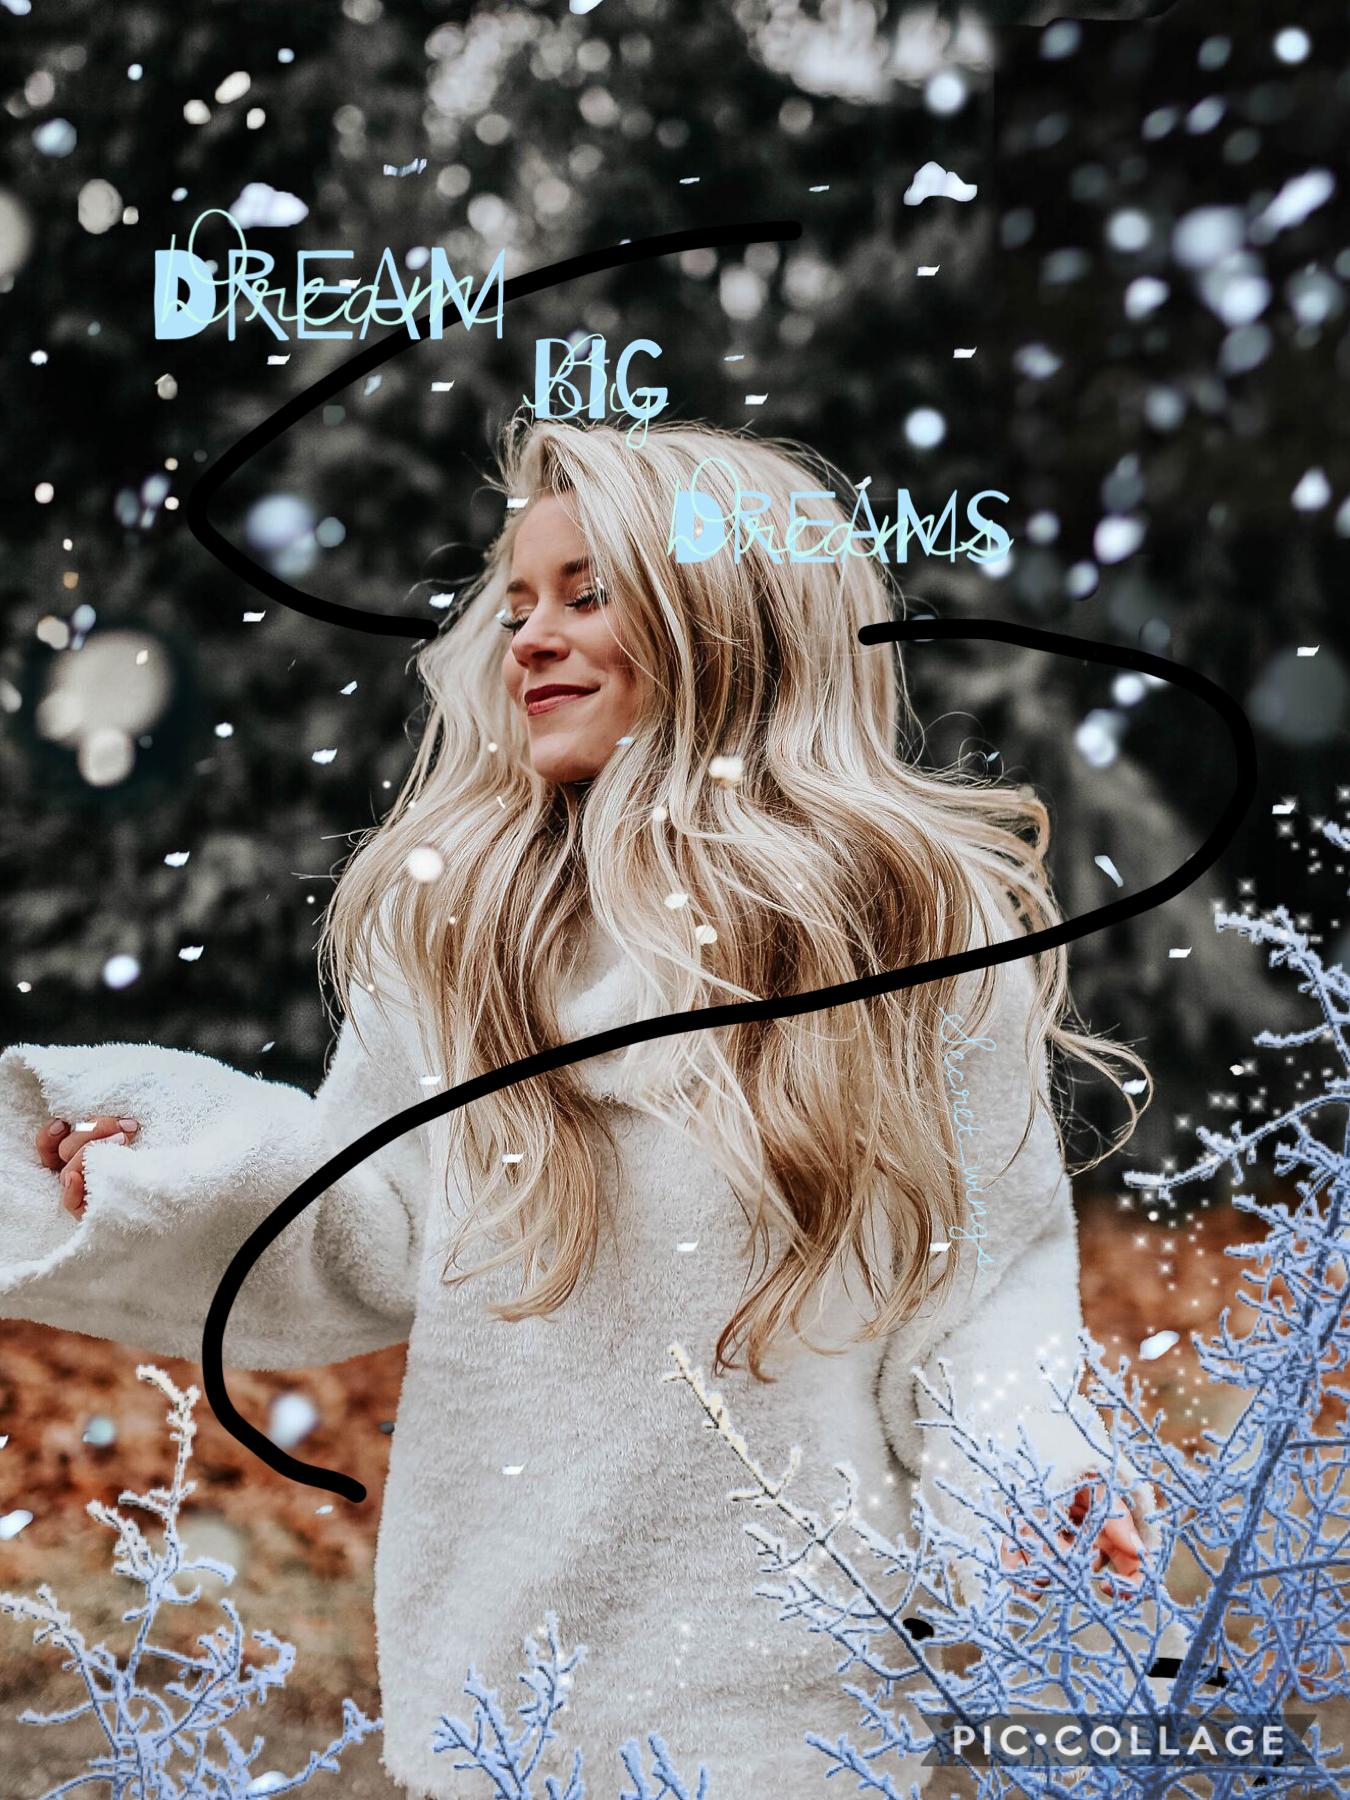 #winterdreams